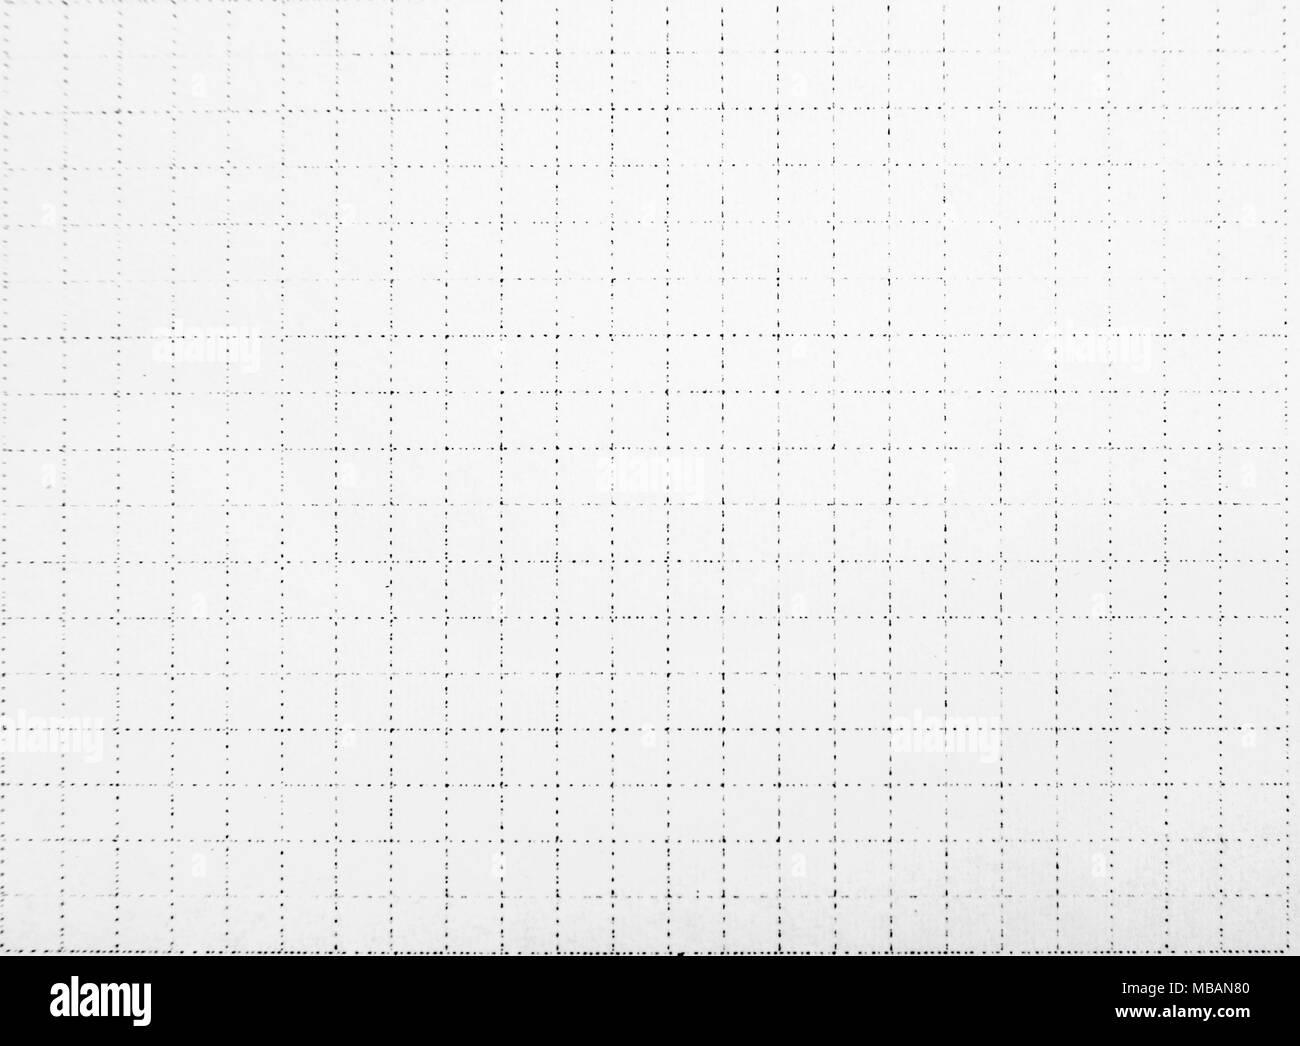 Grille Graphique Papier Quadrille Notebook With Copy Space Banque D